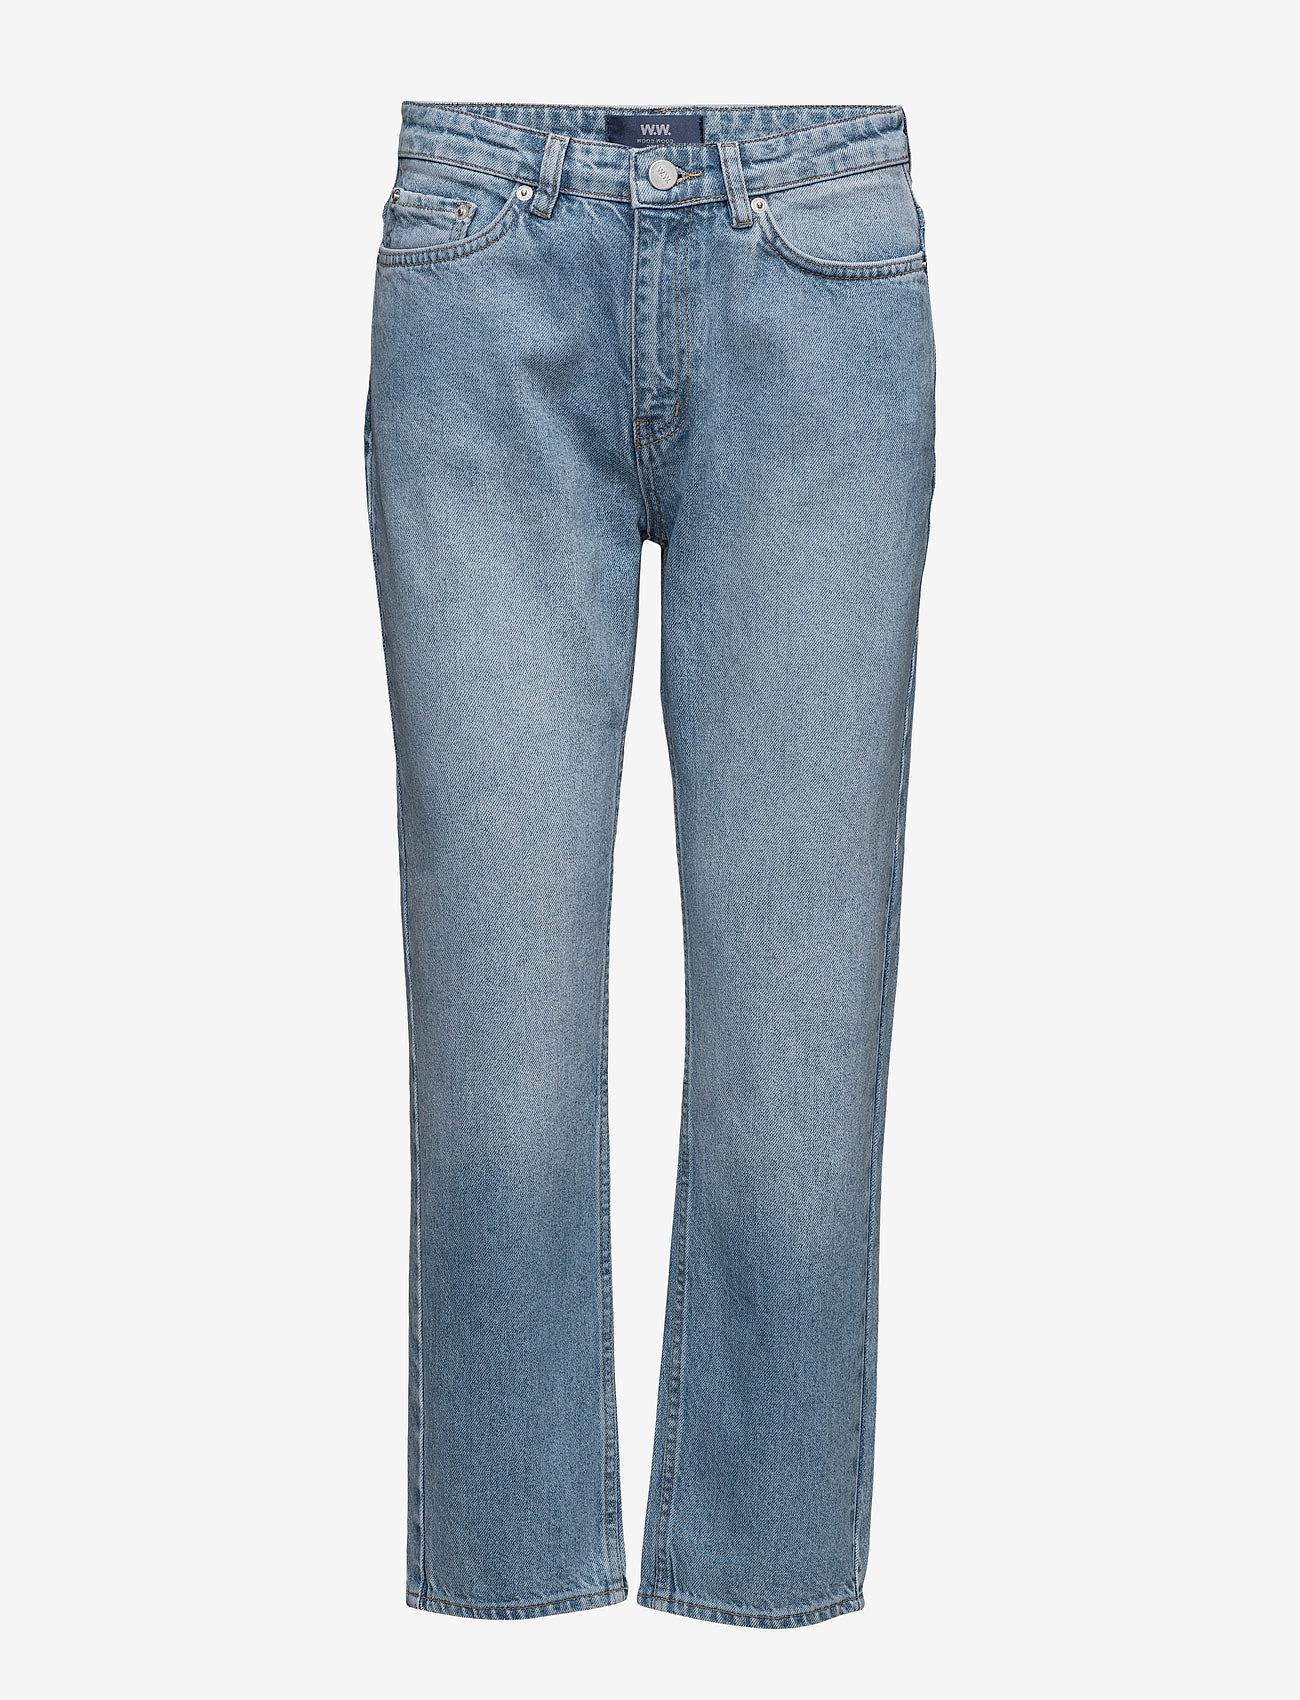 Wood Wood - Eve jeans - bluevintage - 0